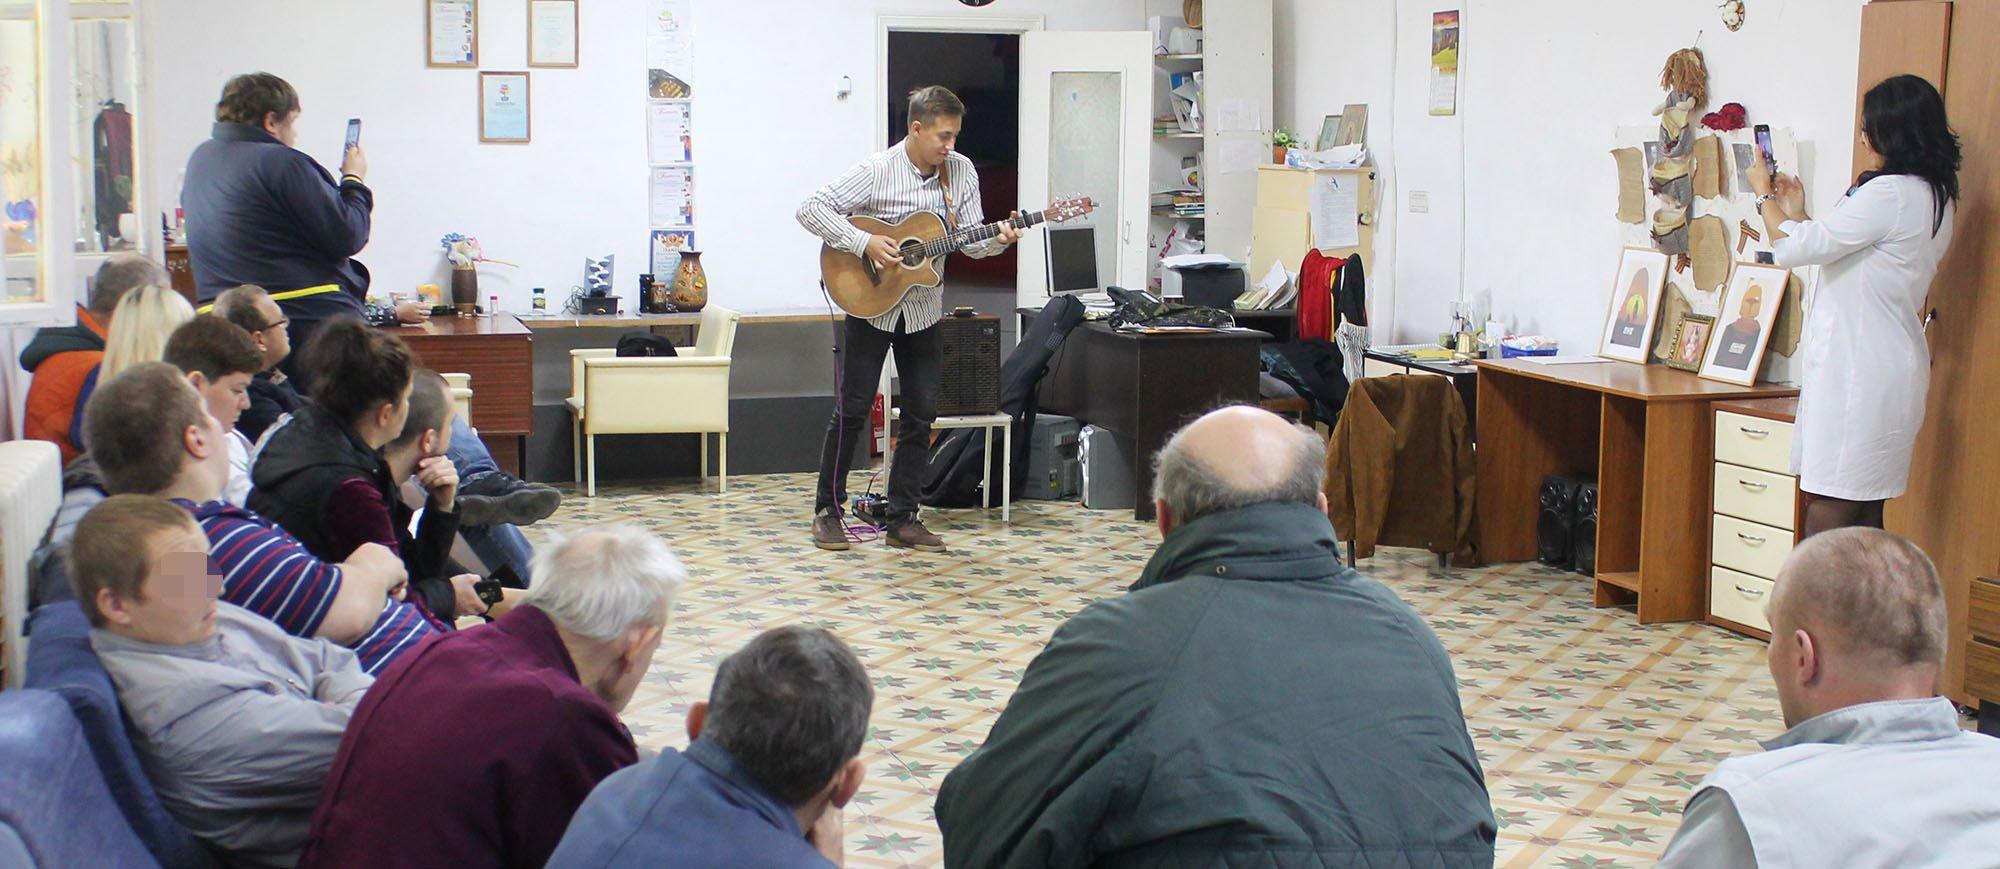 В отделениях Ставропольской психбольницы прошел концерт гитариста Юрия Полежаева